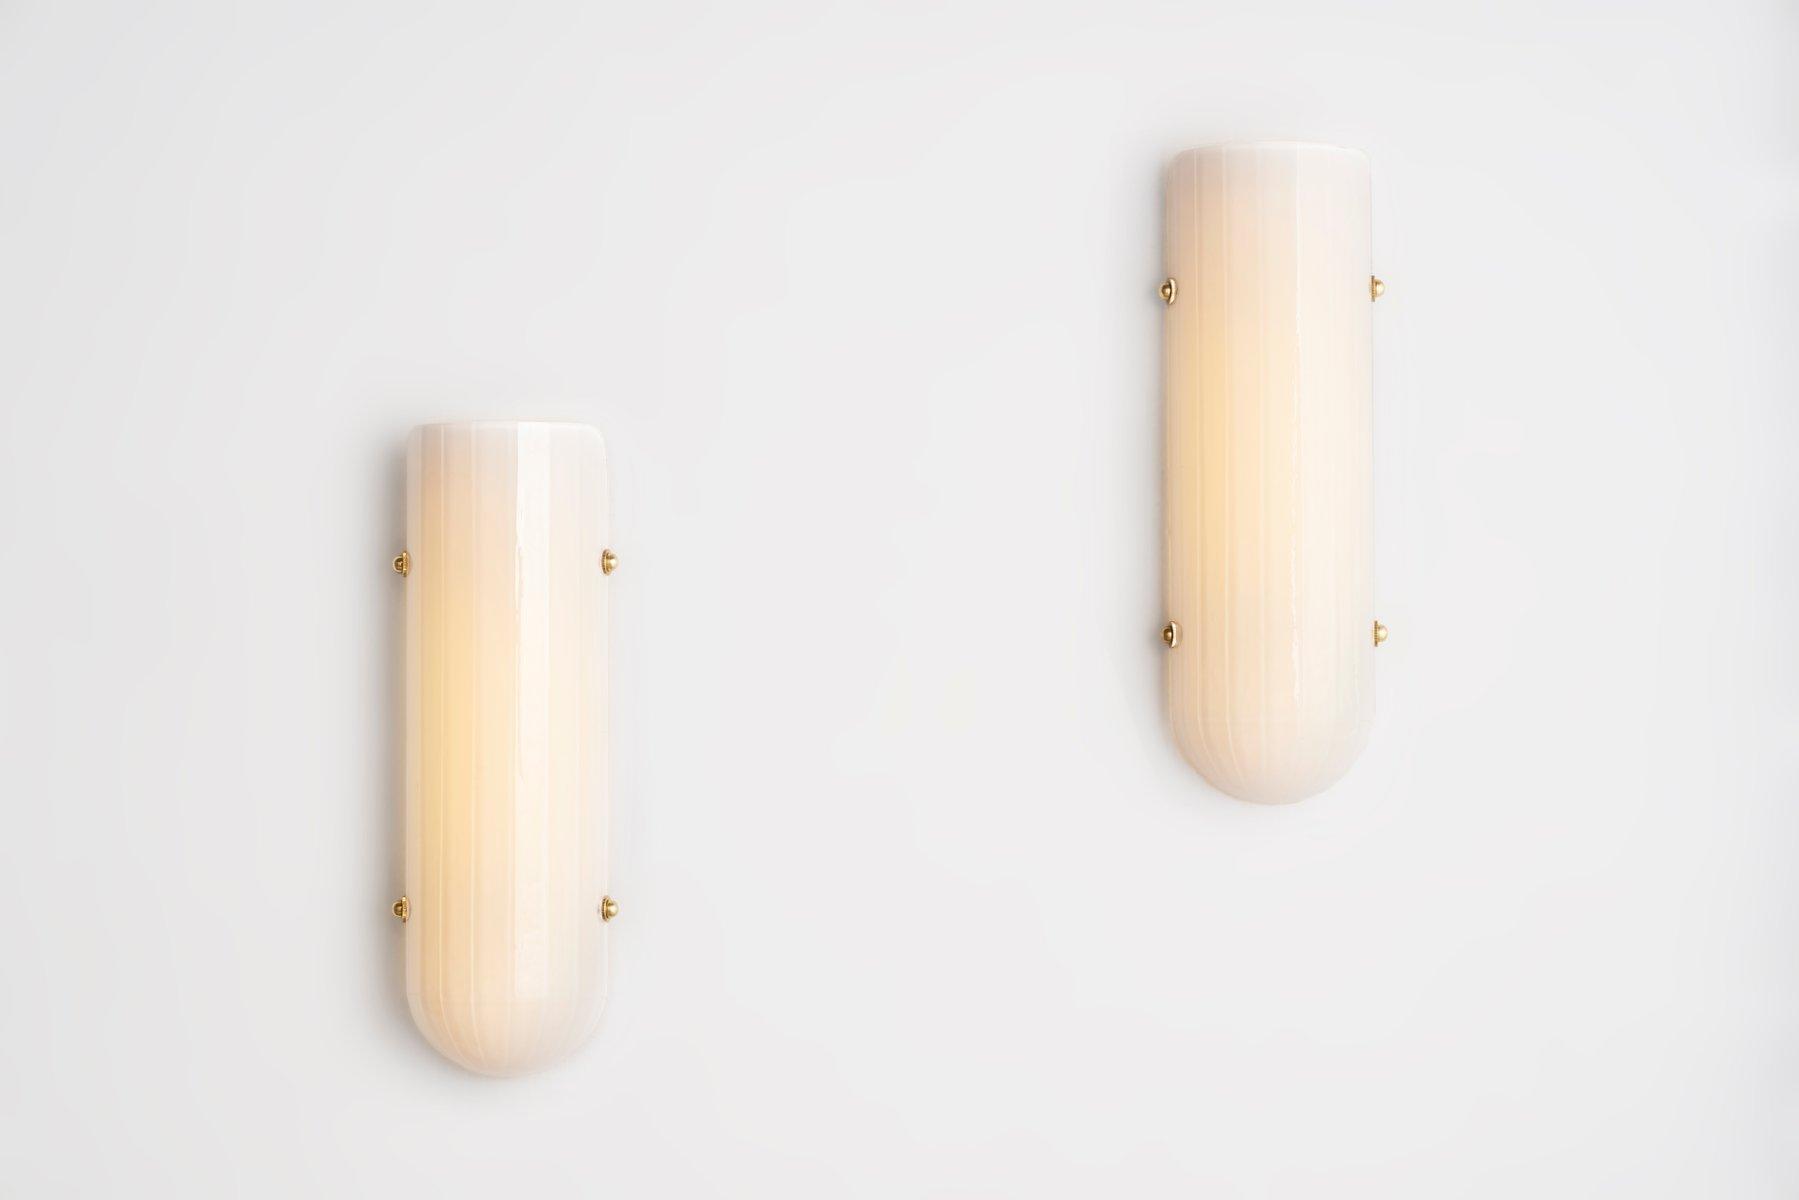 Selene Wandleuchte von Anthony Bianco für Bianco Light & Space